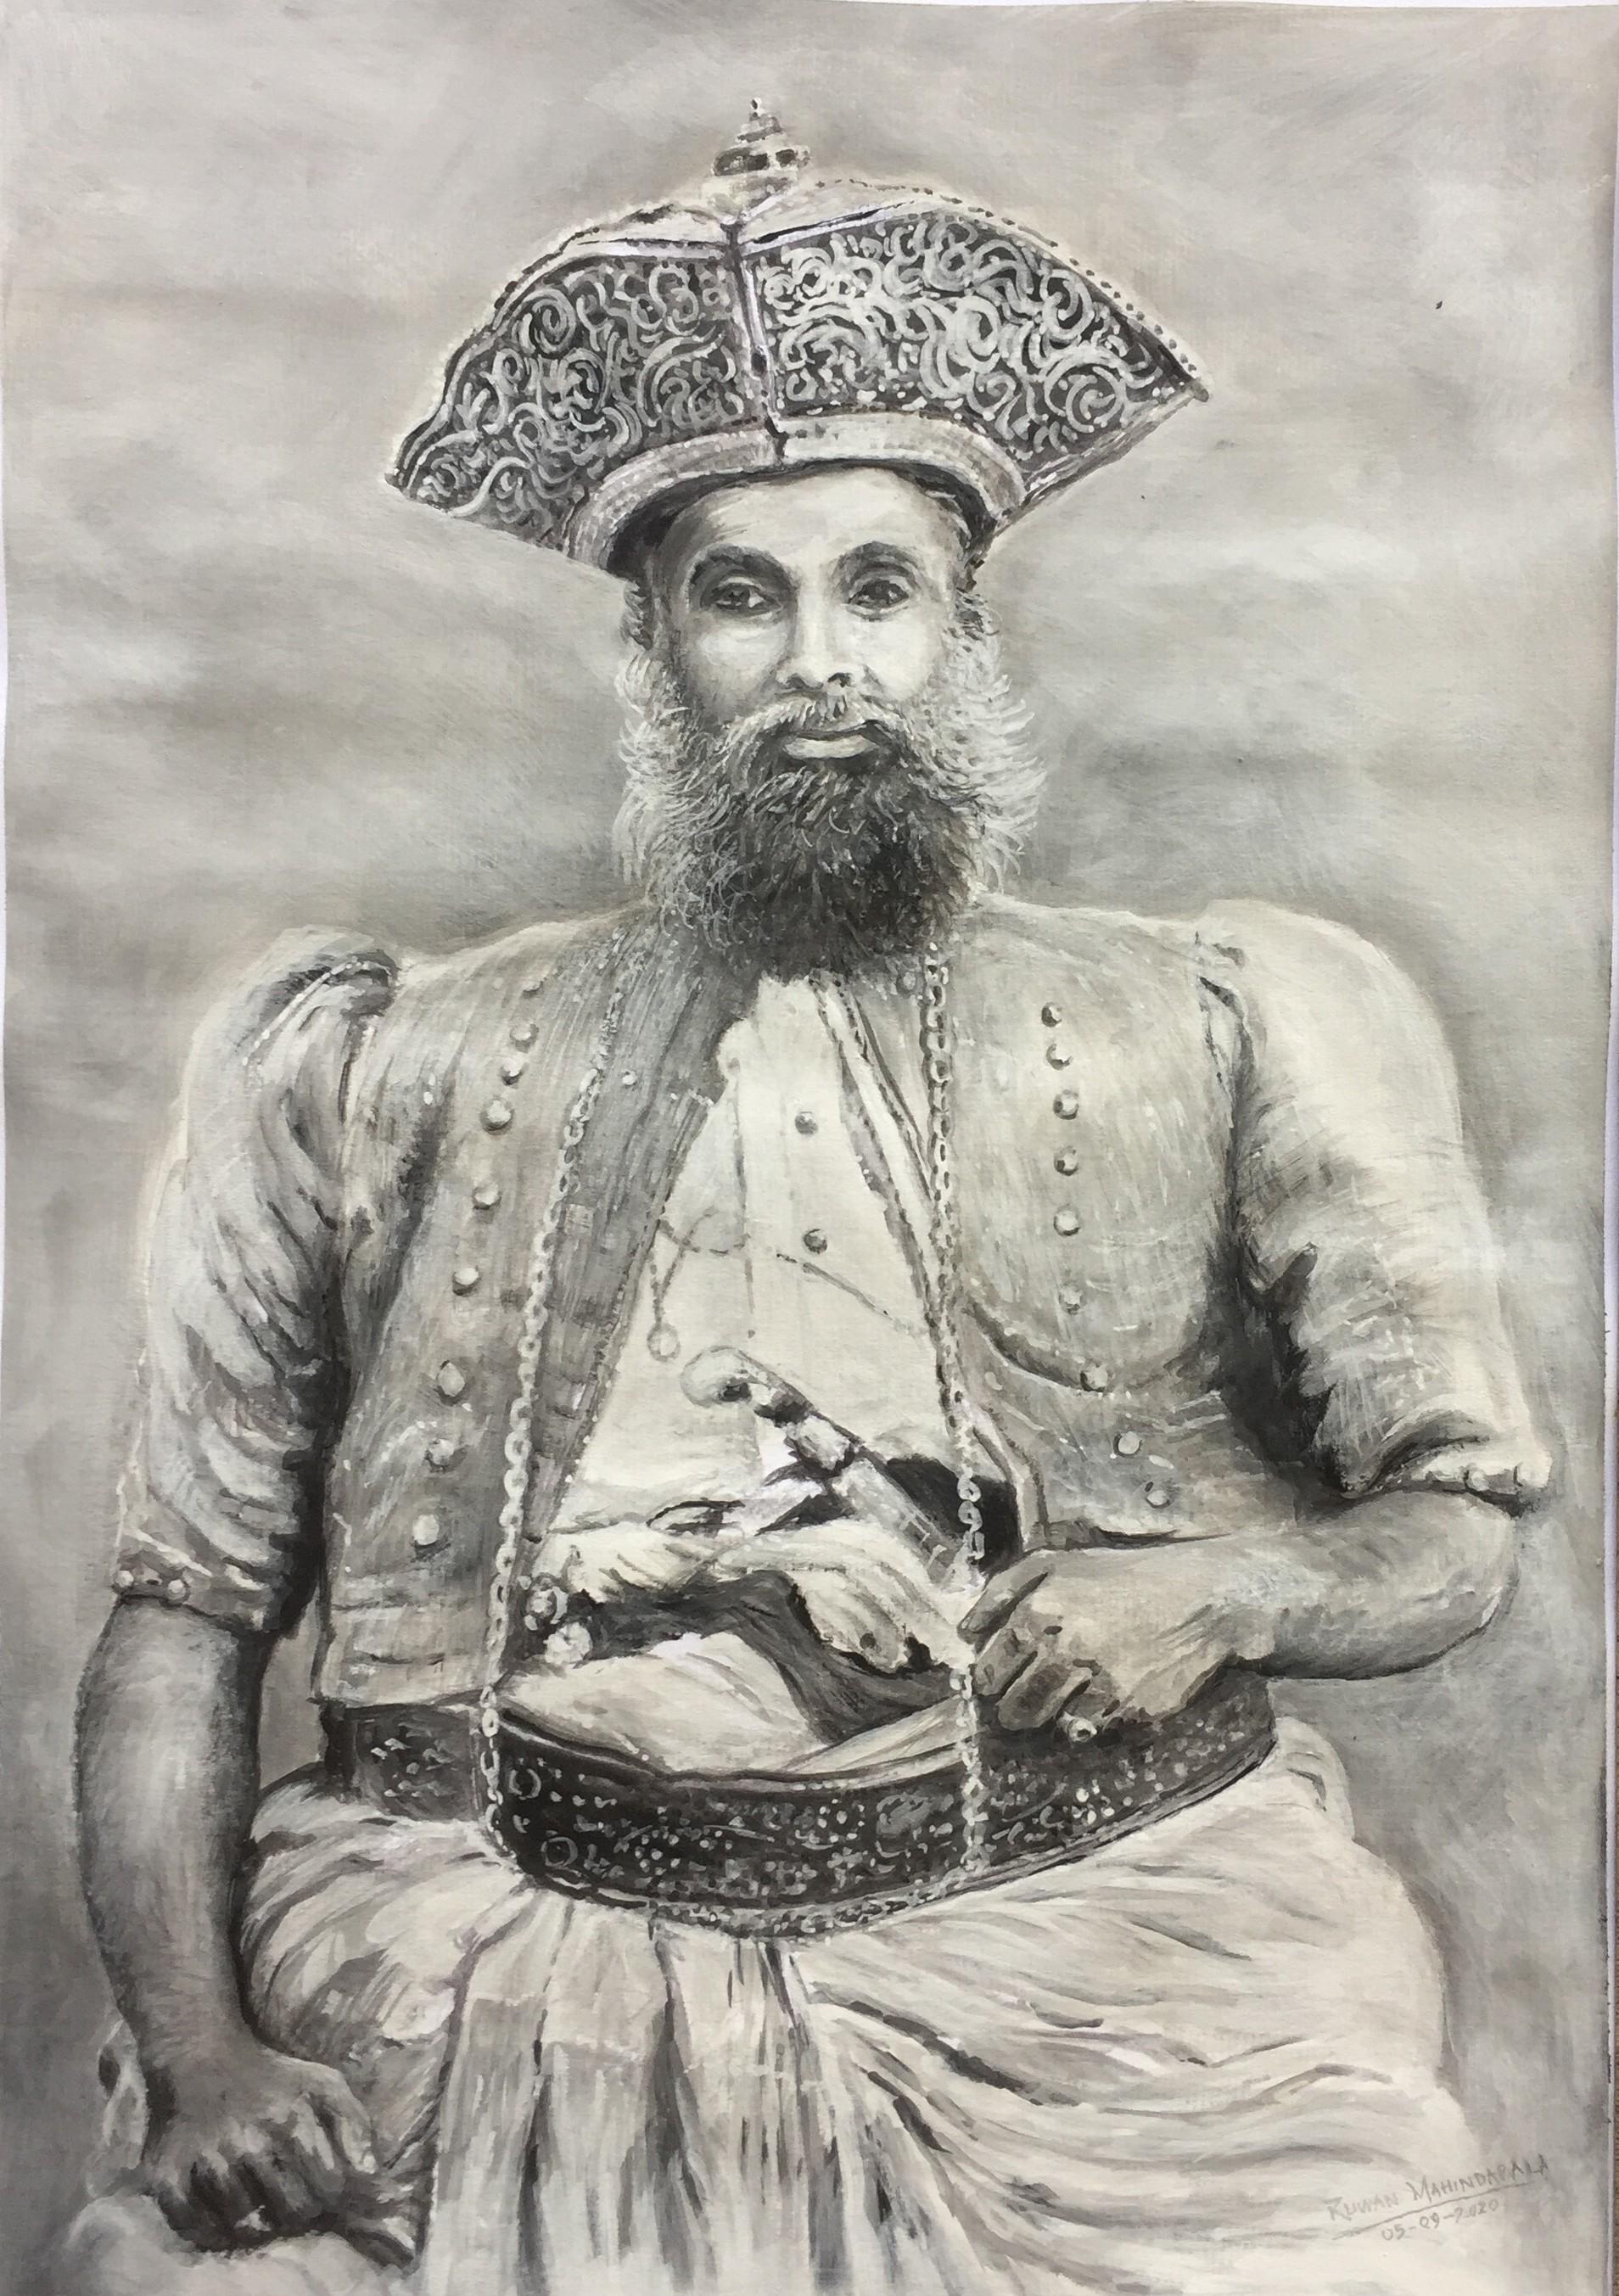 A Kandyan Chief of Ceylon by RUWAN MAHINDAPALA